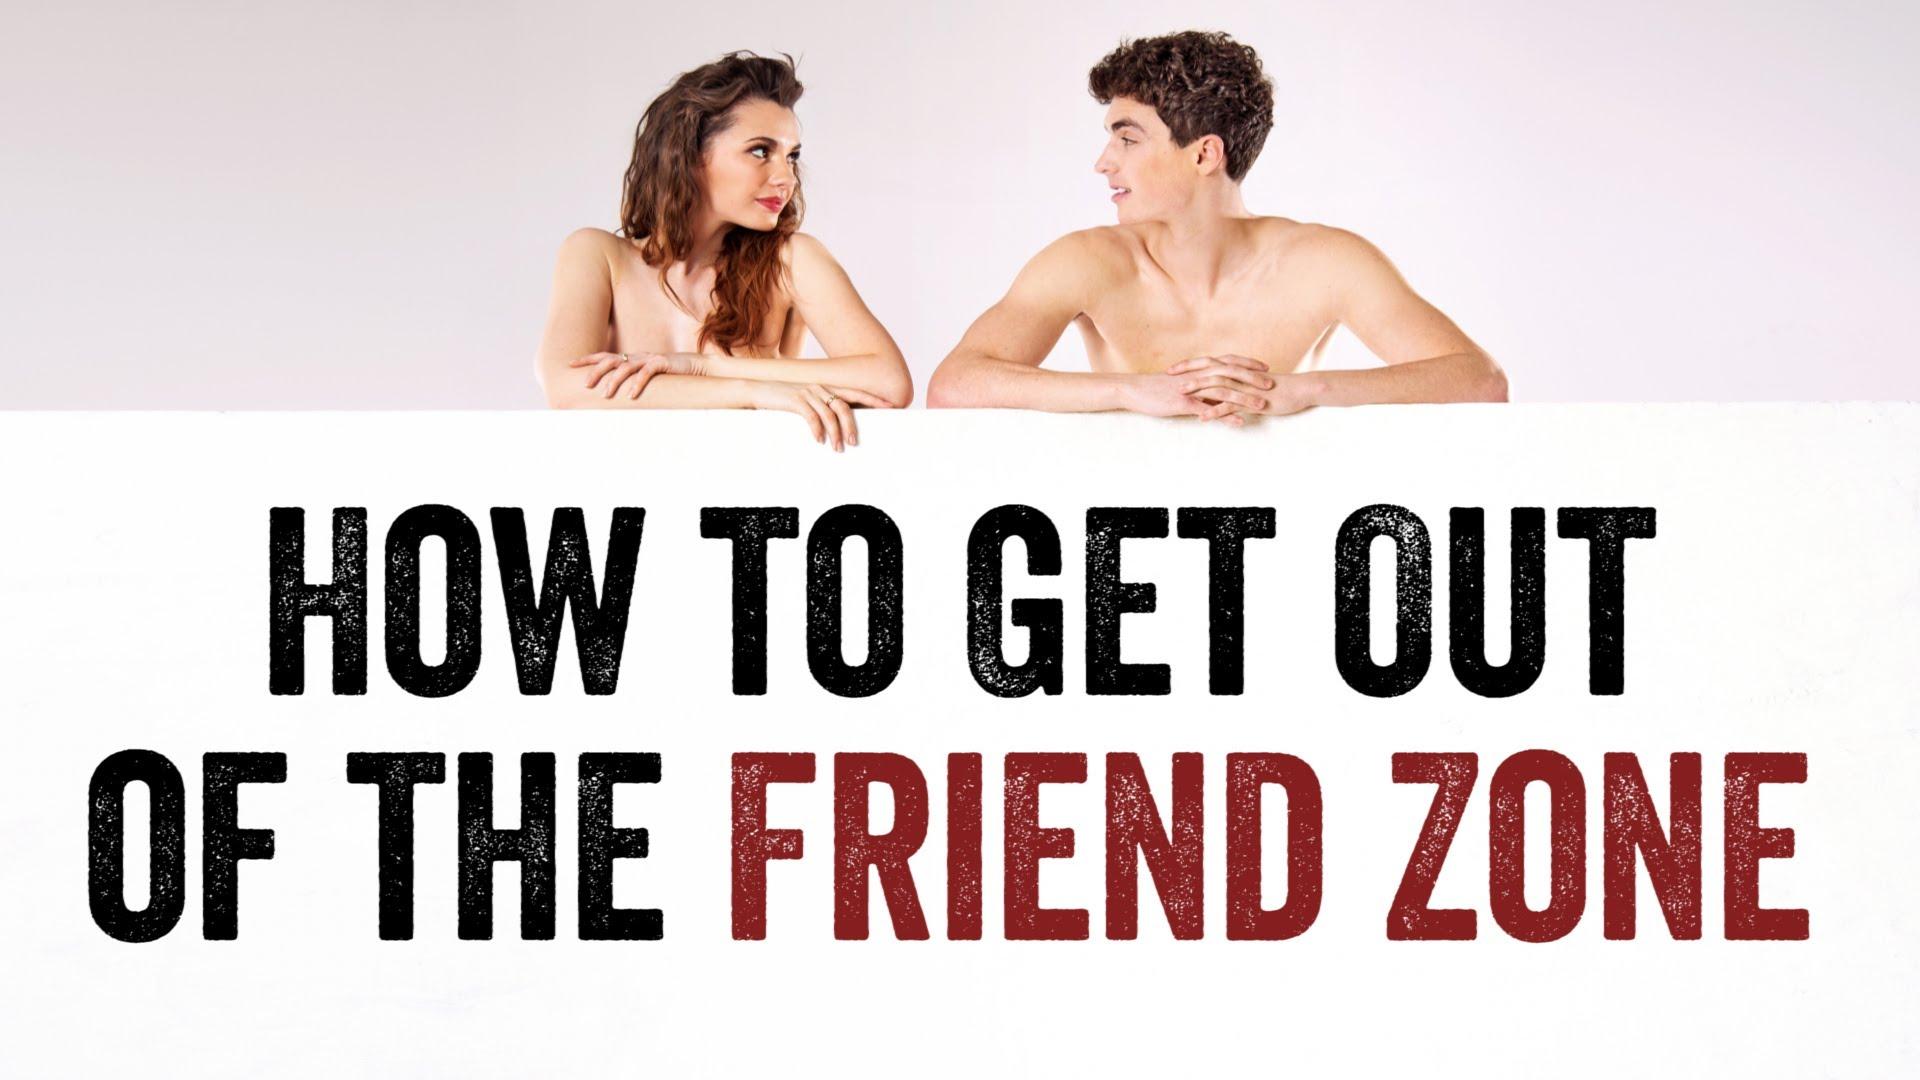 「擺脫單身教戰守則:如何變成心儀女孩的『最佳男主角』?」- 4-Step Escape the Friend Zone Plan